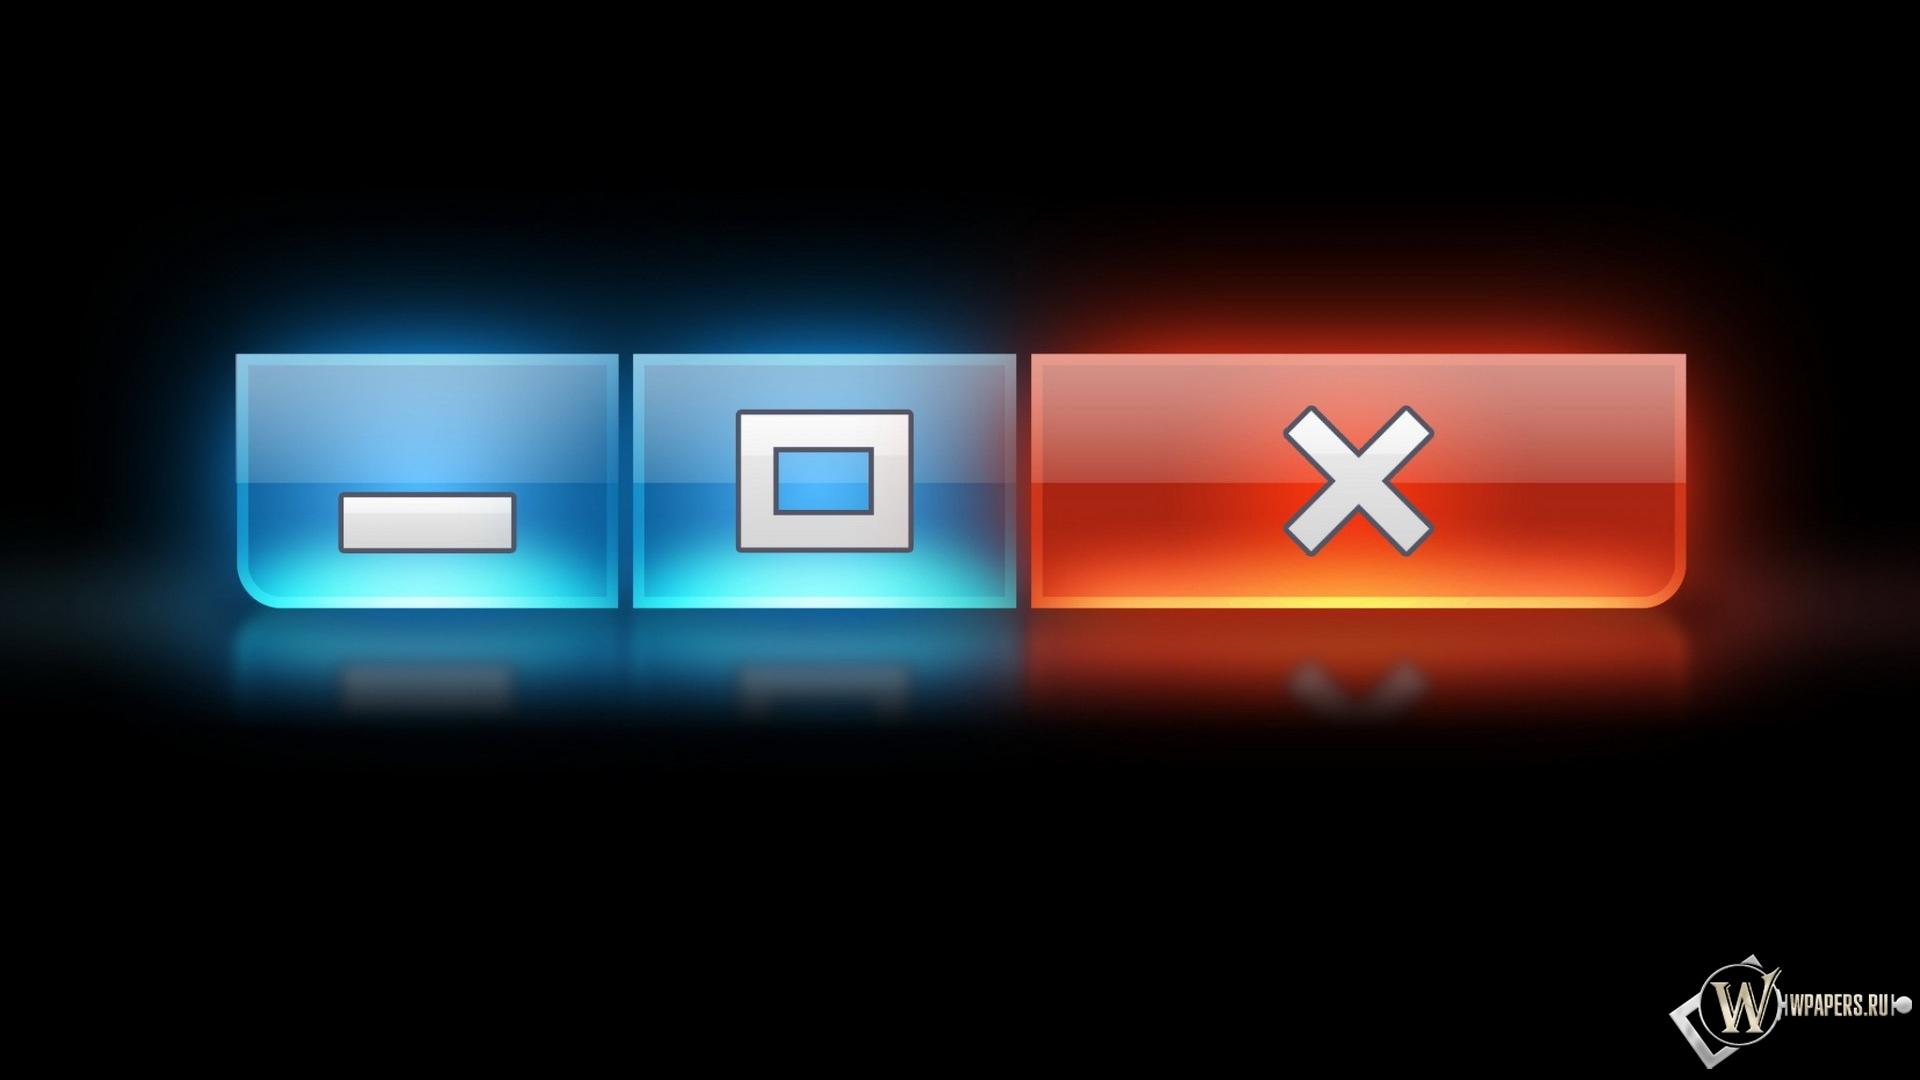 Кнопки Windows 1920x1080